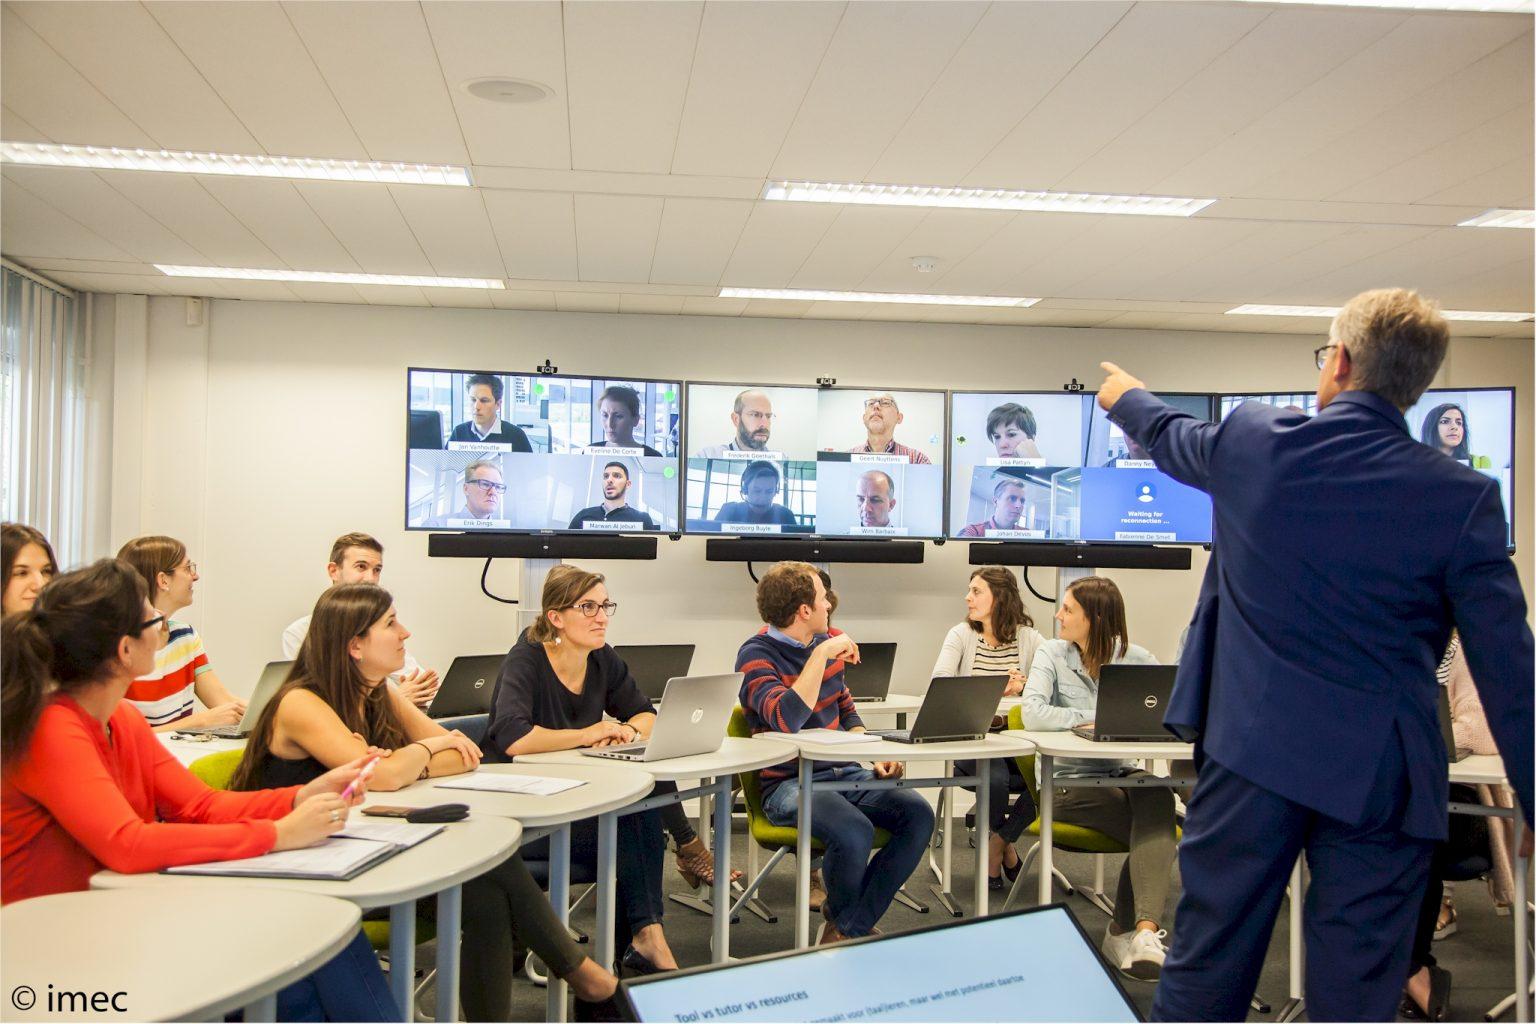 Menyiapkan Pembelajaran Hybrid sebagai Solusi (Seri 1 Hybrid Learning)